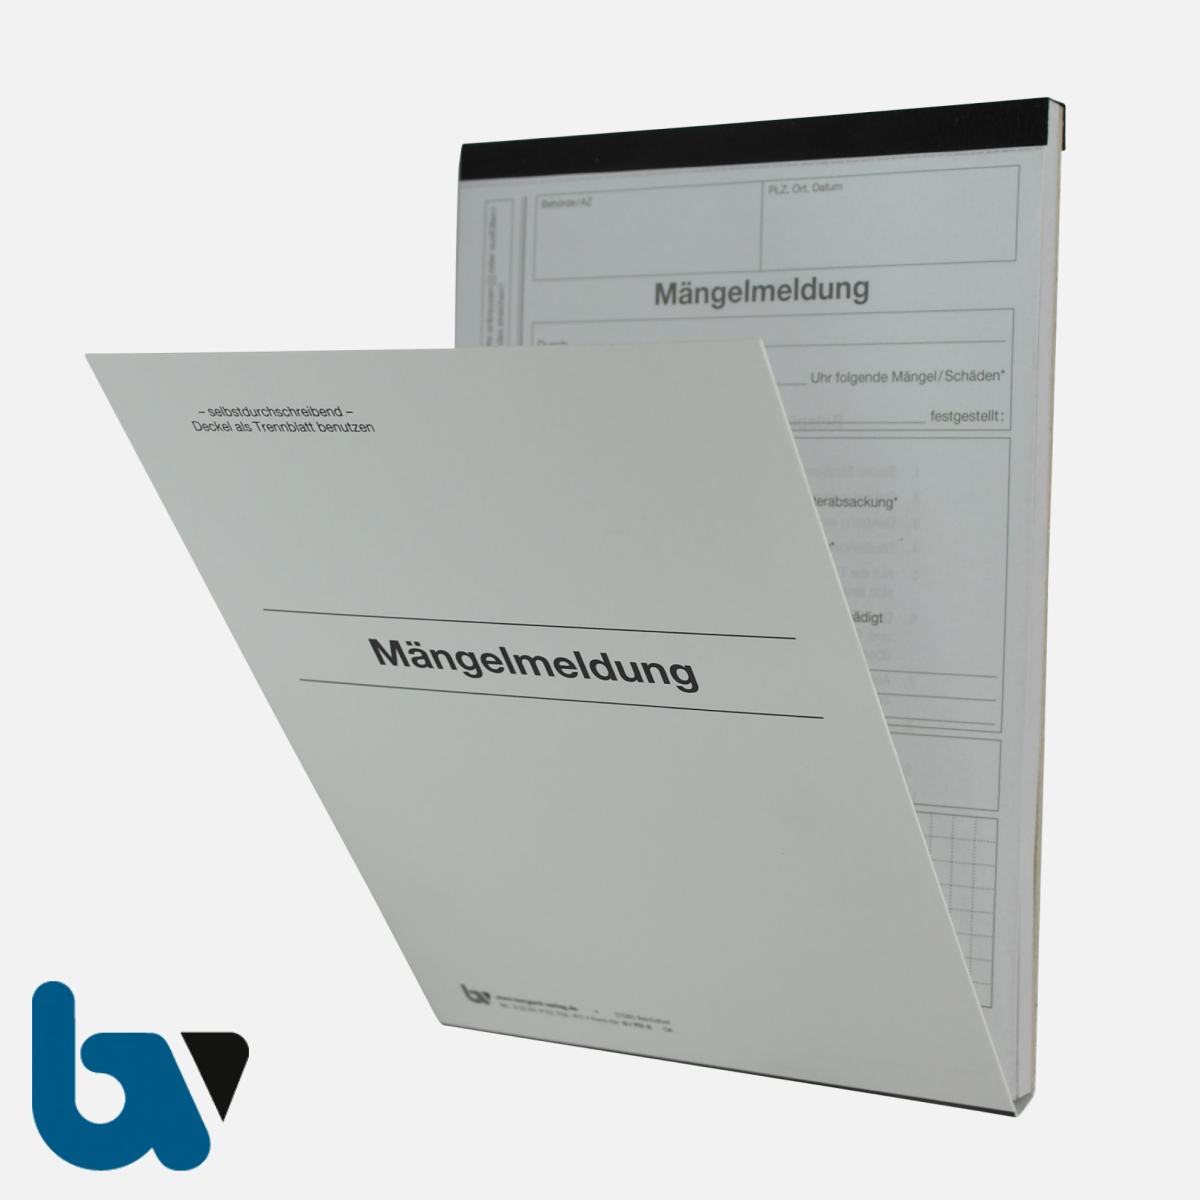 0/717-2 Mängelmeldung Fahrbahn Gehweg Kanal Verkehr selbstdurchschreibend Einschlagdeckel Durchschreibeschutz Schreibschutzdeckel perforiert DIN A5 Vorderseite | Borgard Verlag GmbH